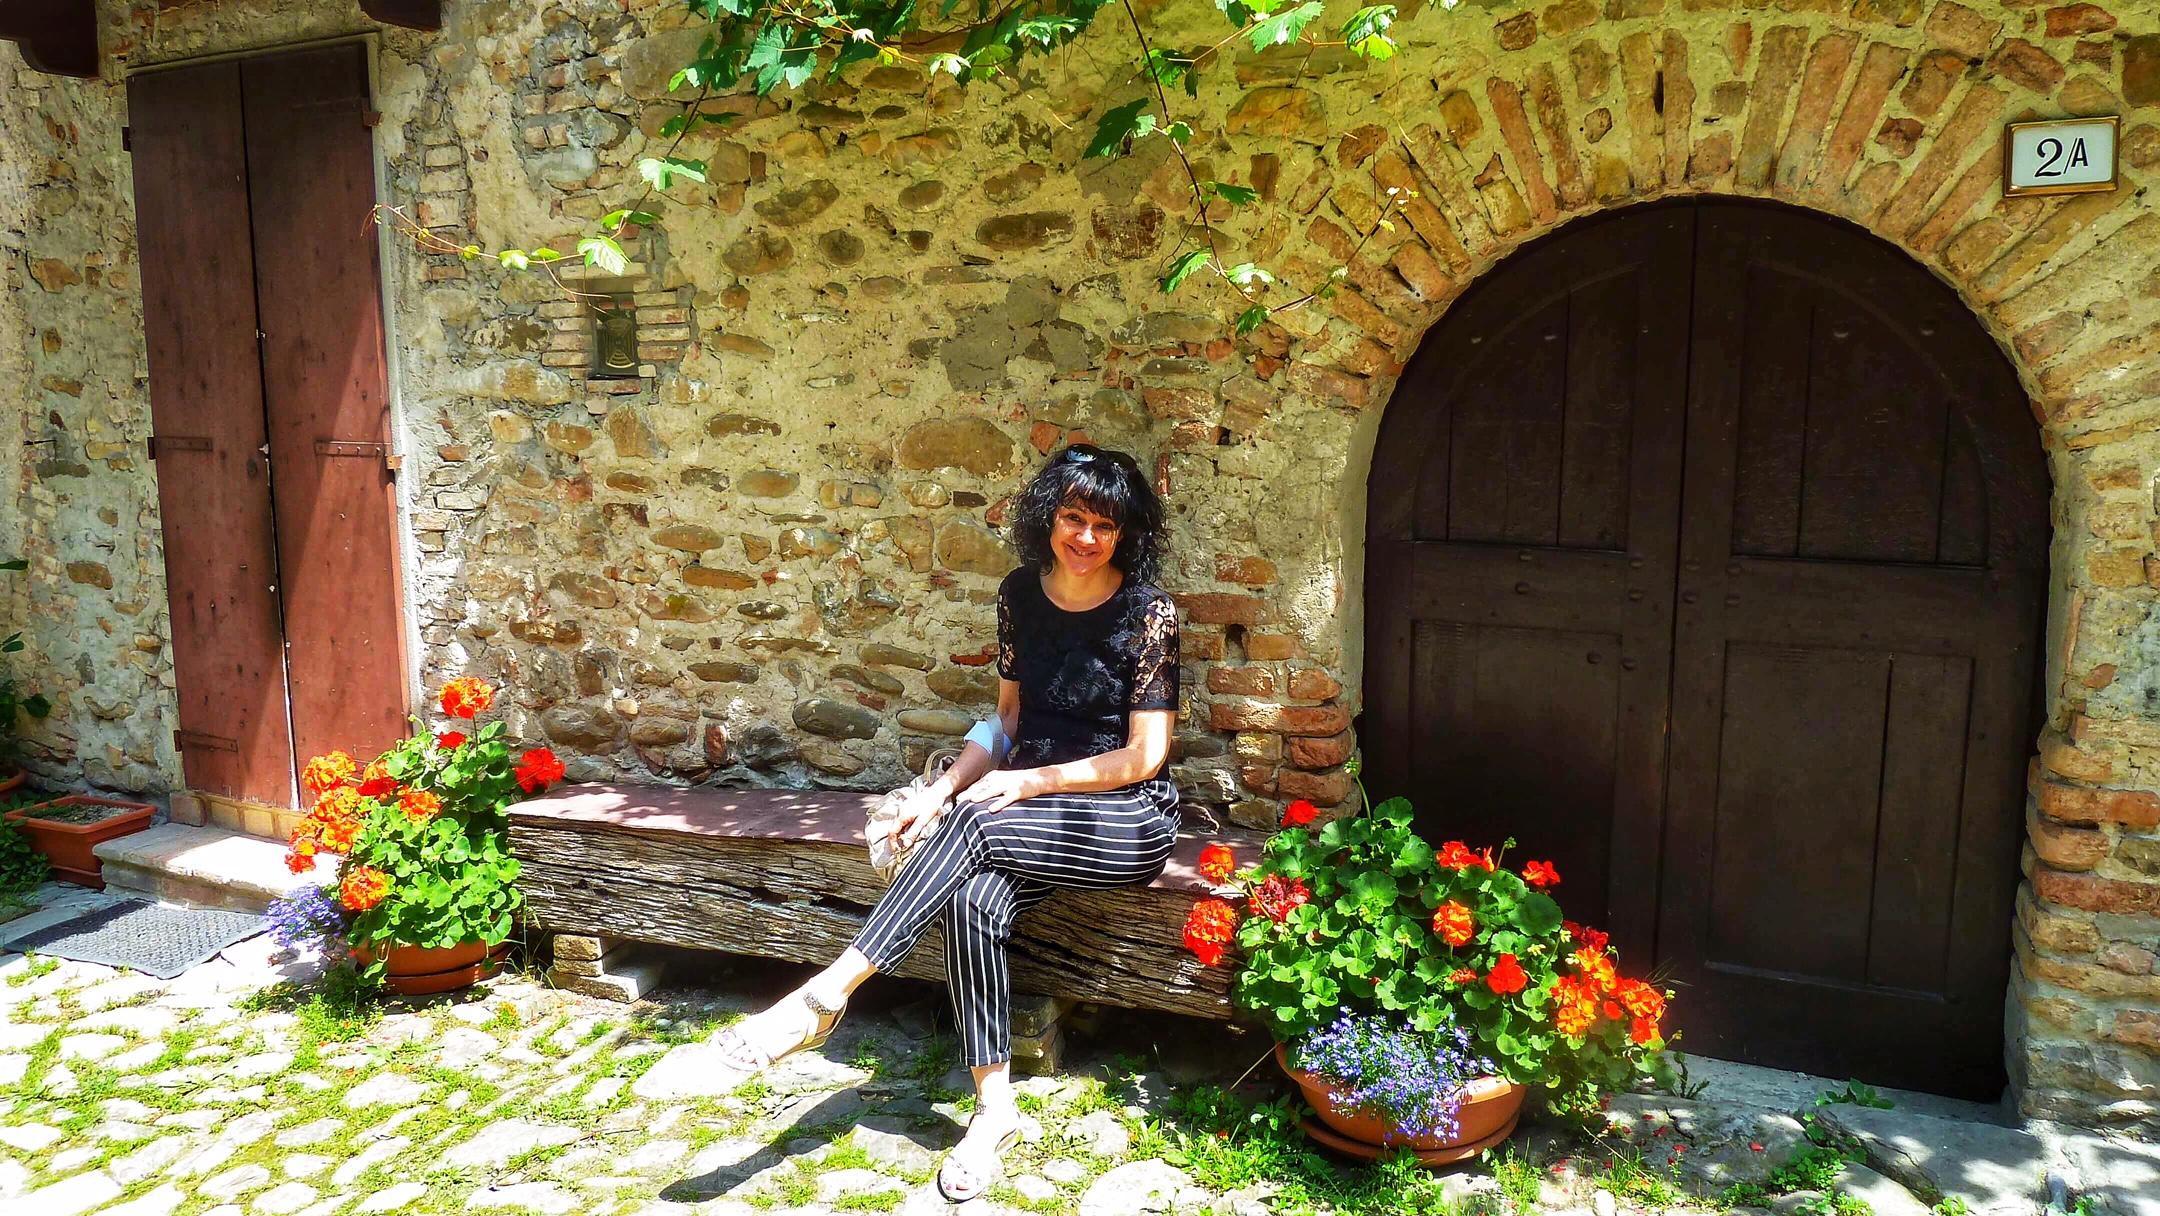 Castello-di-Torrechiara-informazioni-utili